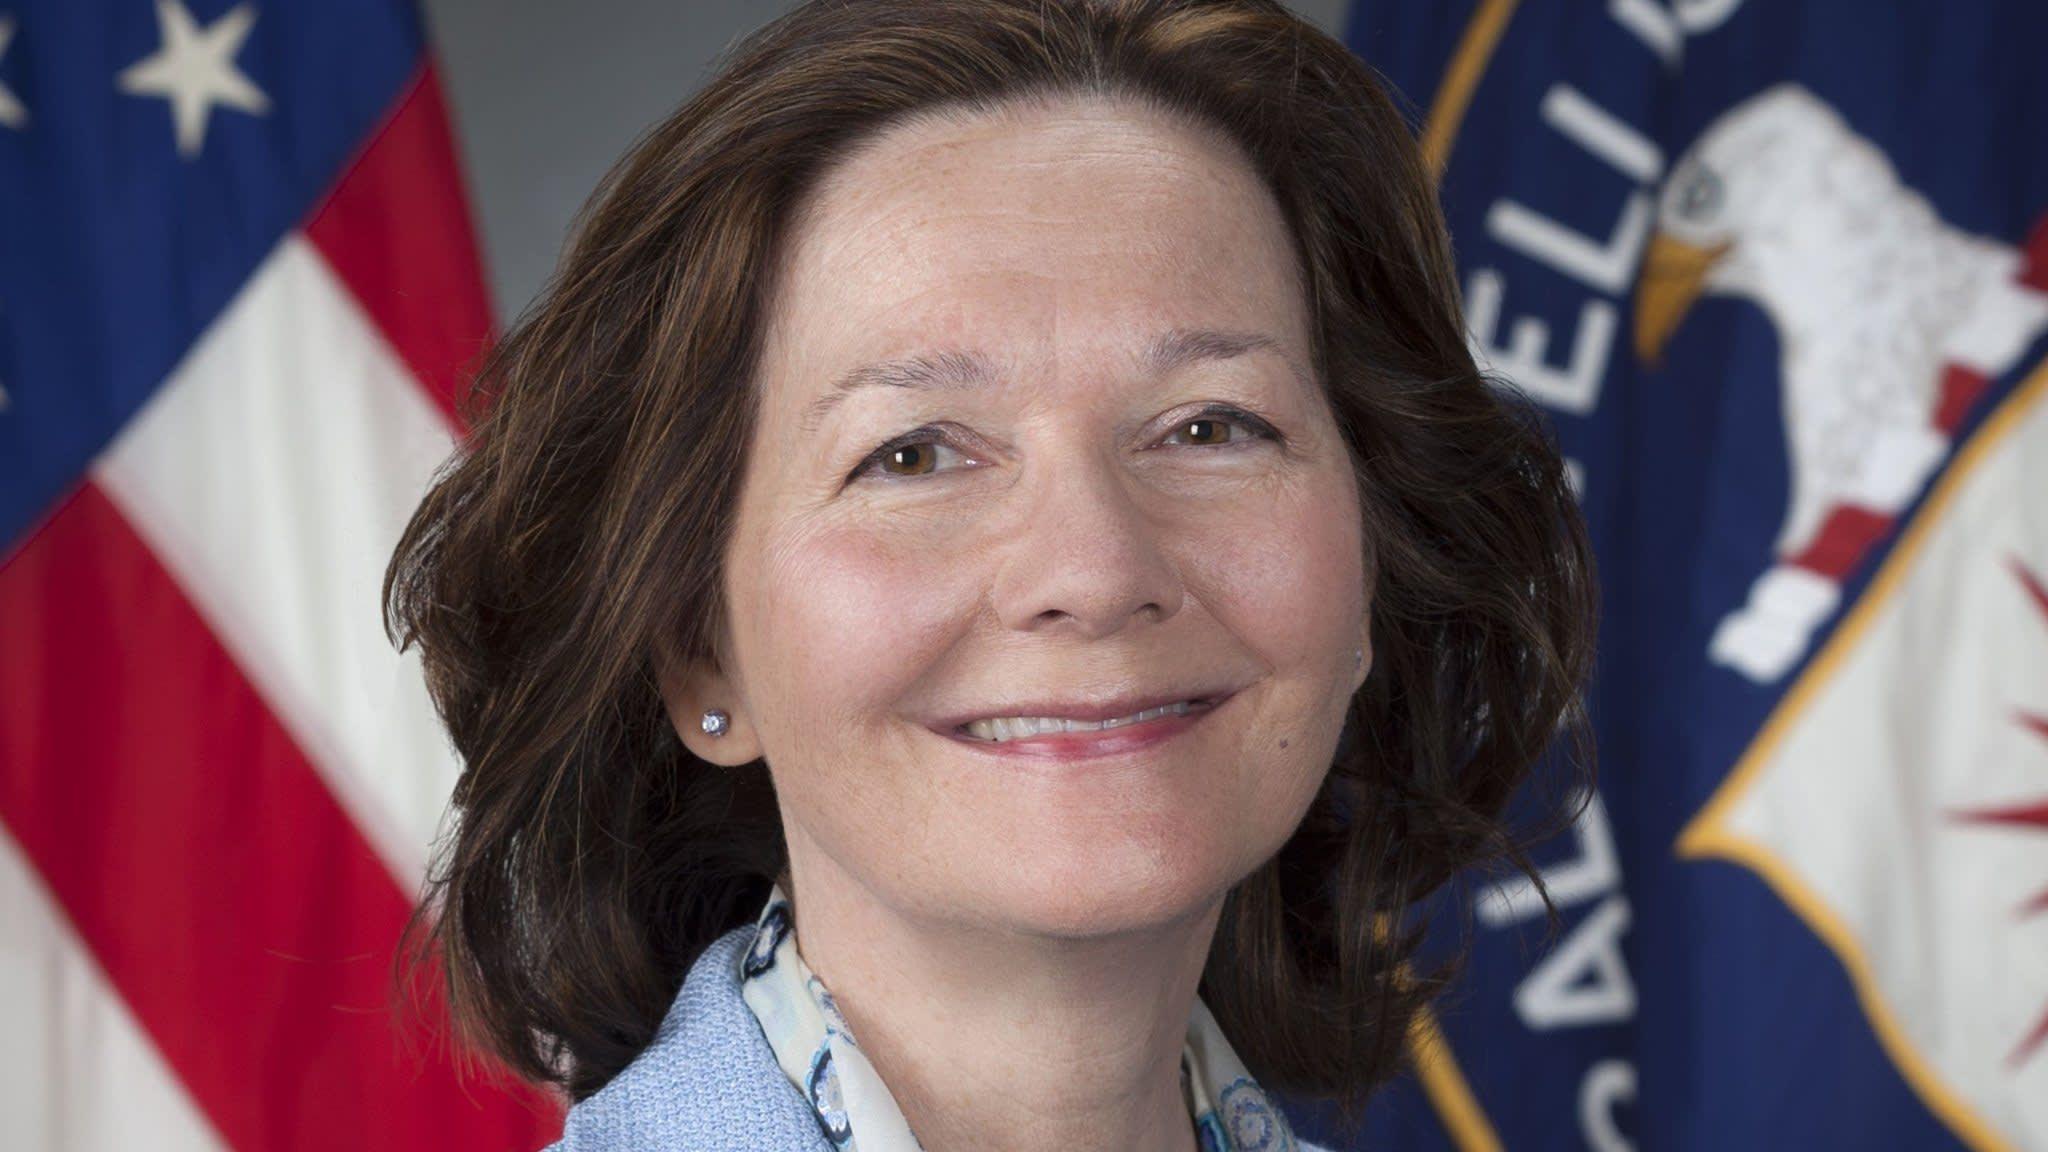 New CIA boss Haspel faces questions over torture